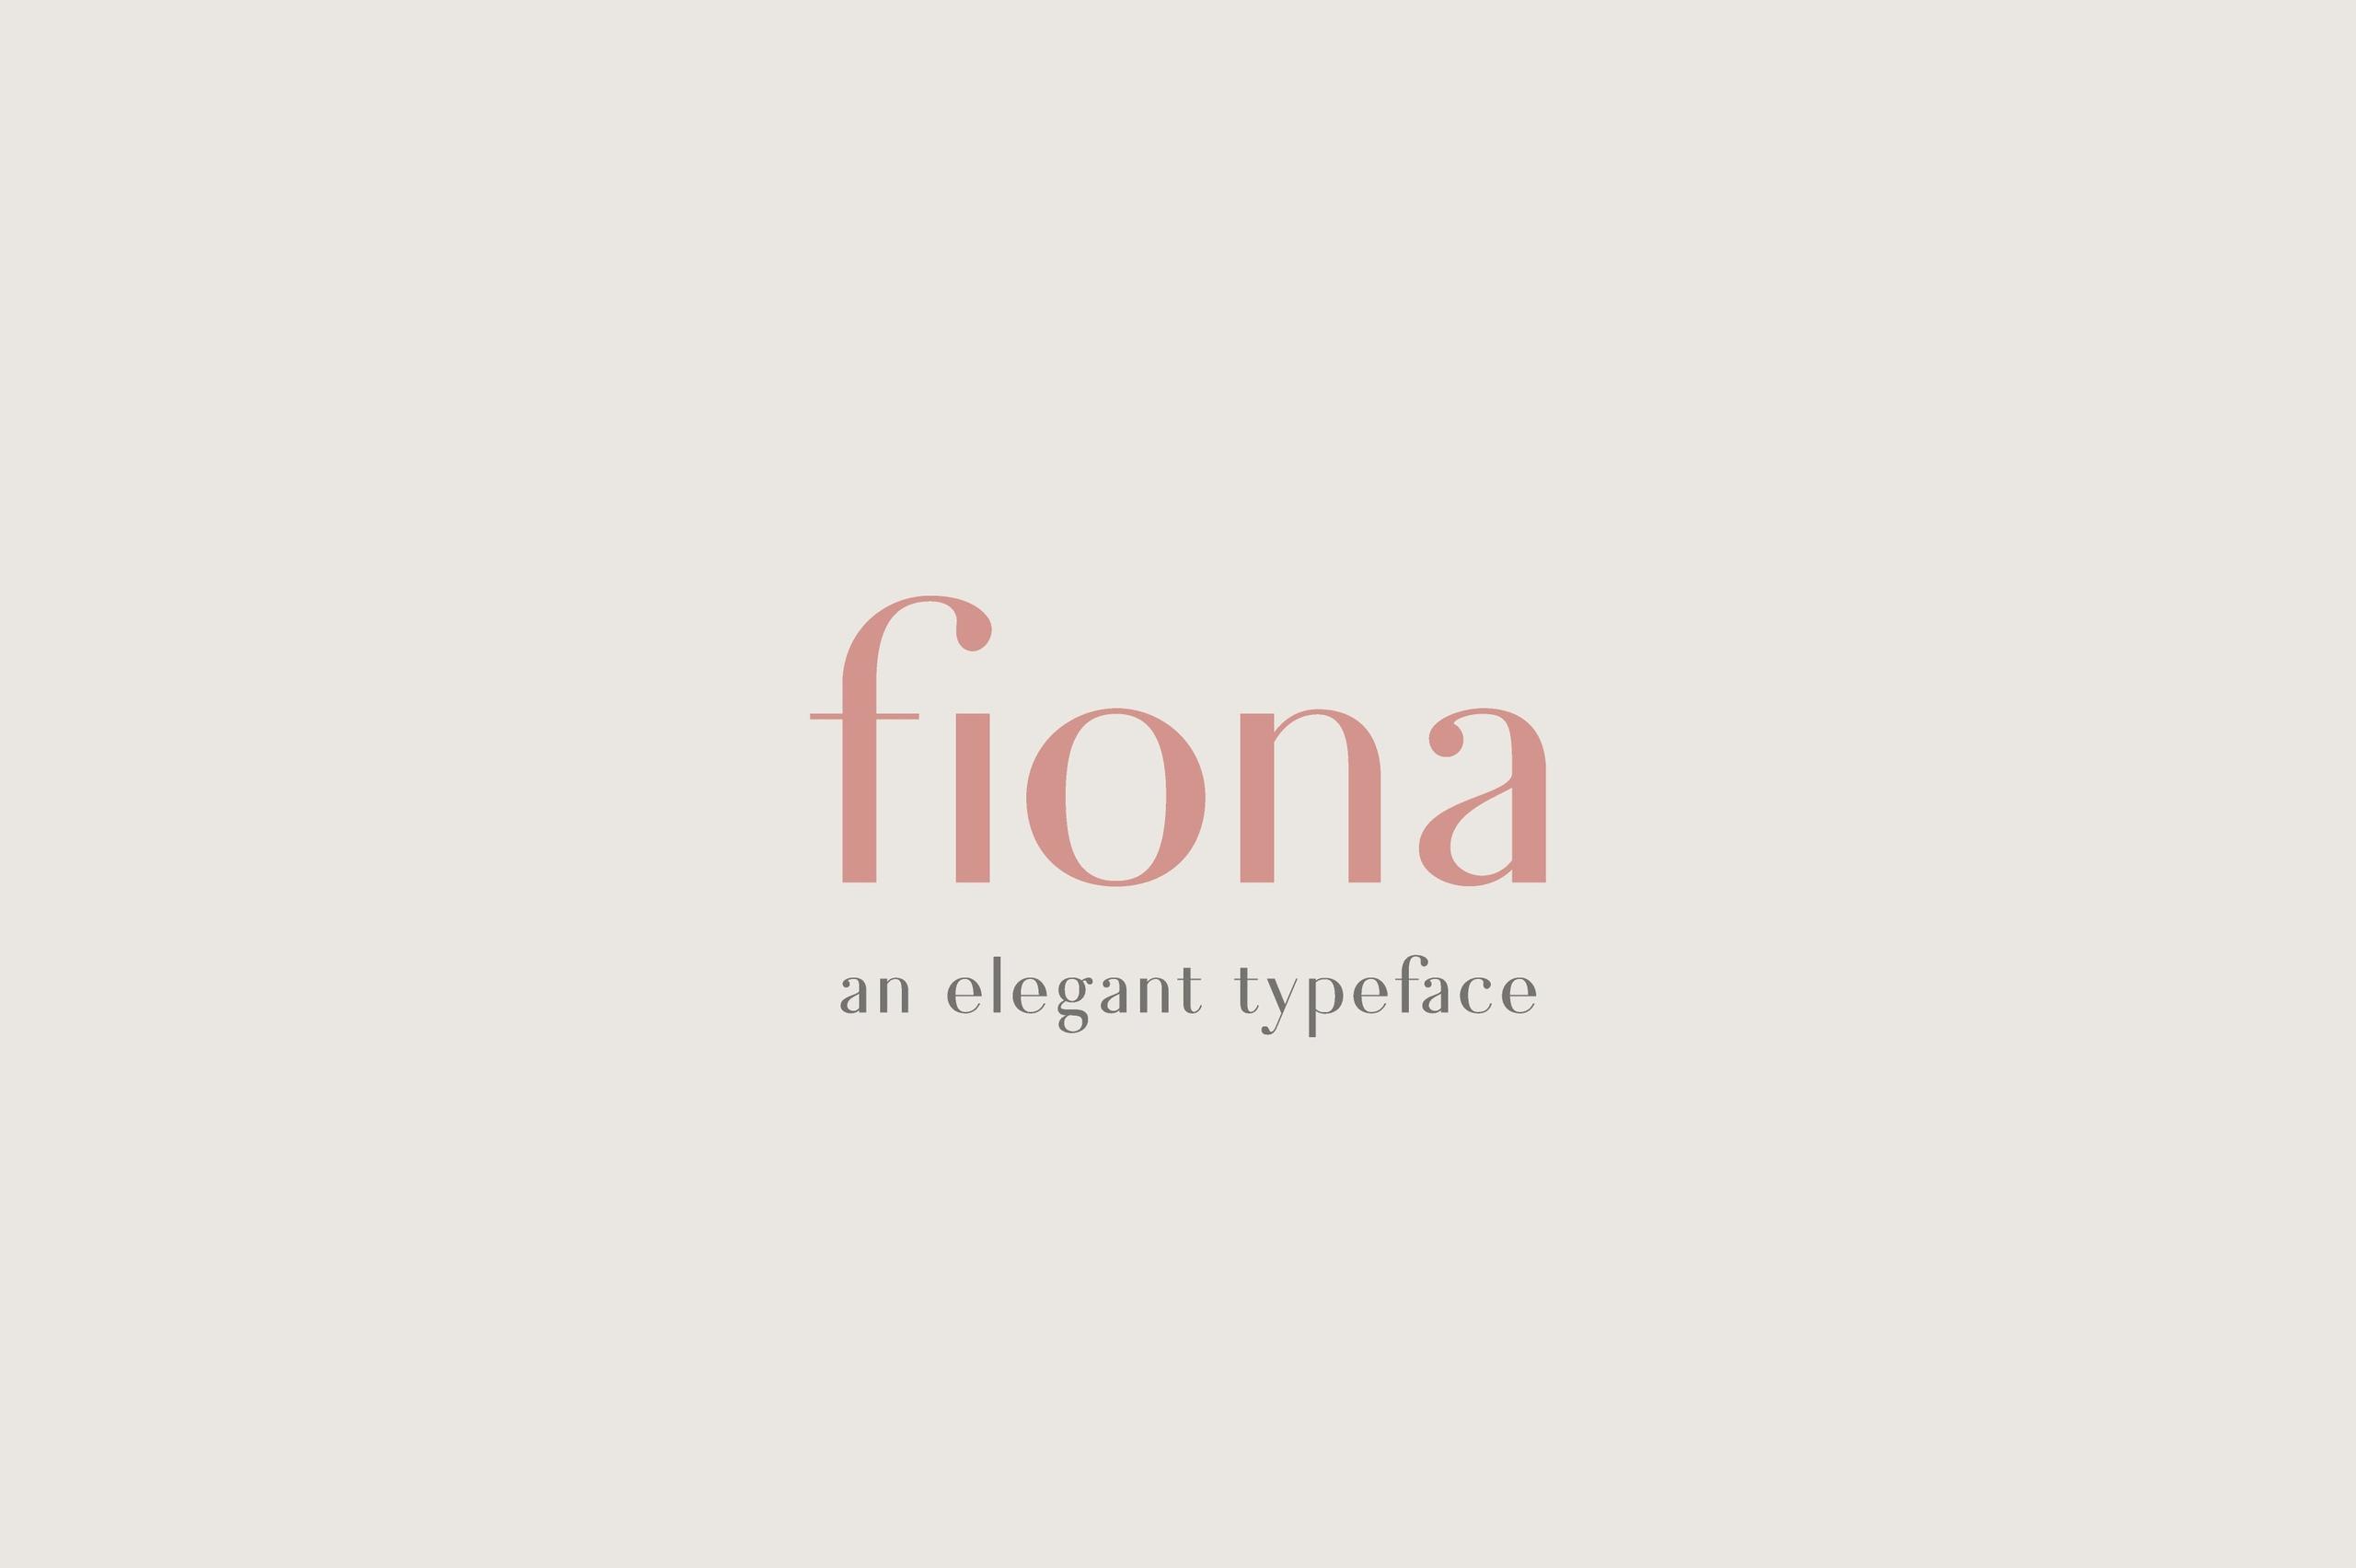 Fiona经典衬线时尚女装品牌logo英文字体下载